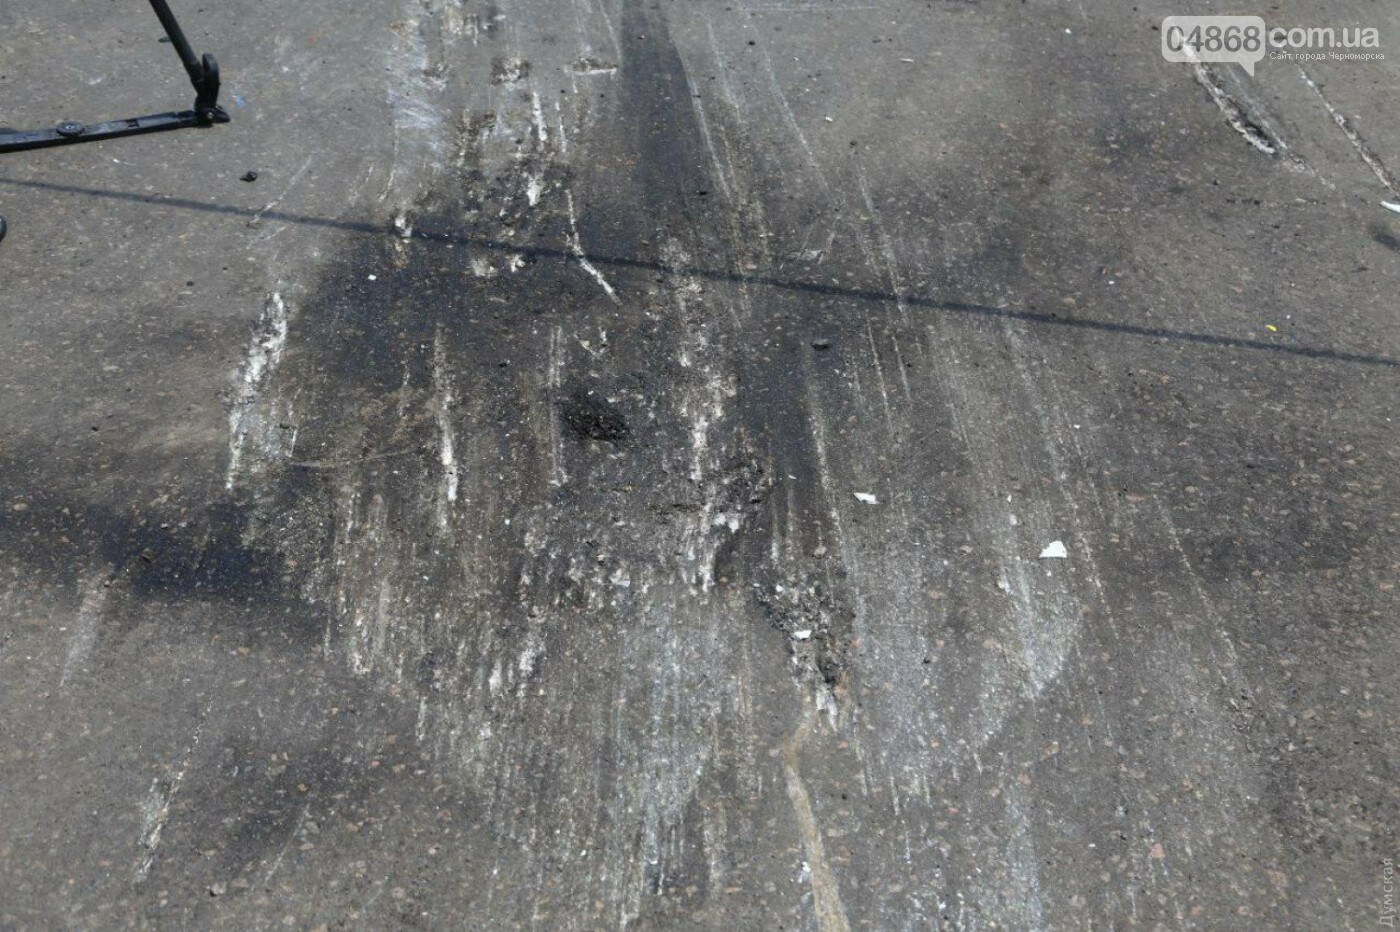 Смертельное ЧП: в Одессе разбился самолет авиазавода (обновлено), фото-4